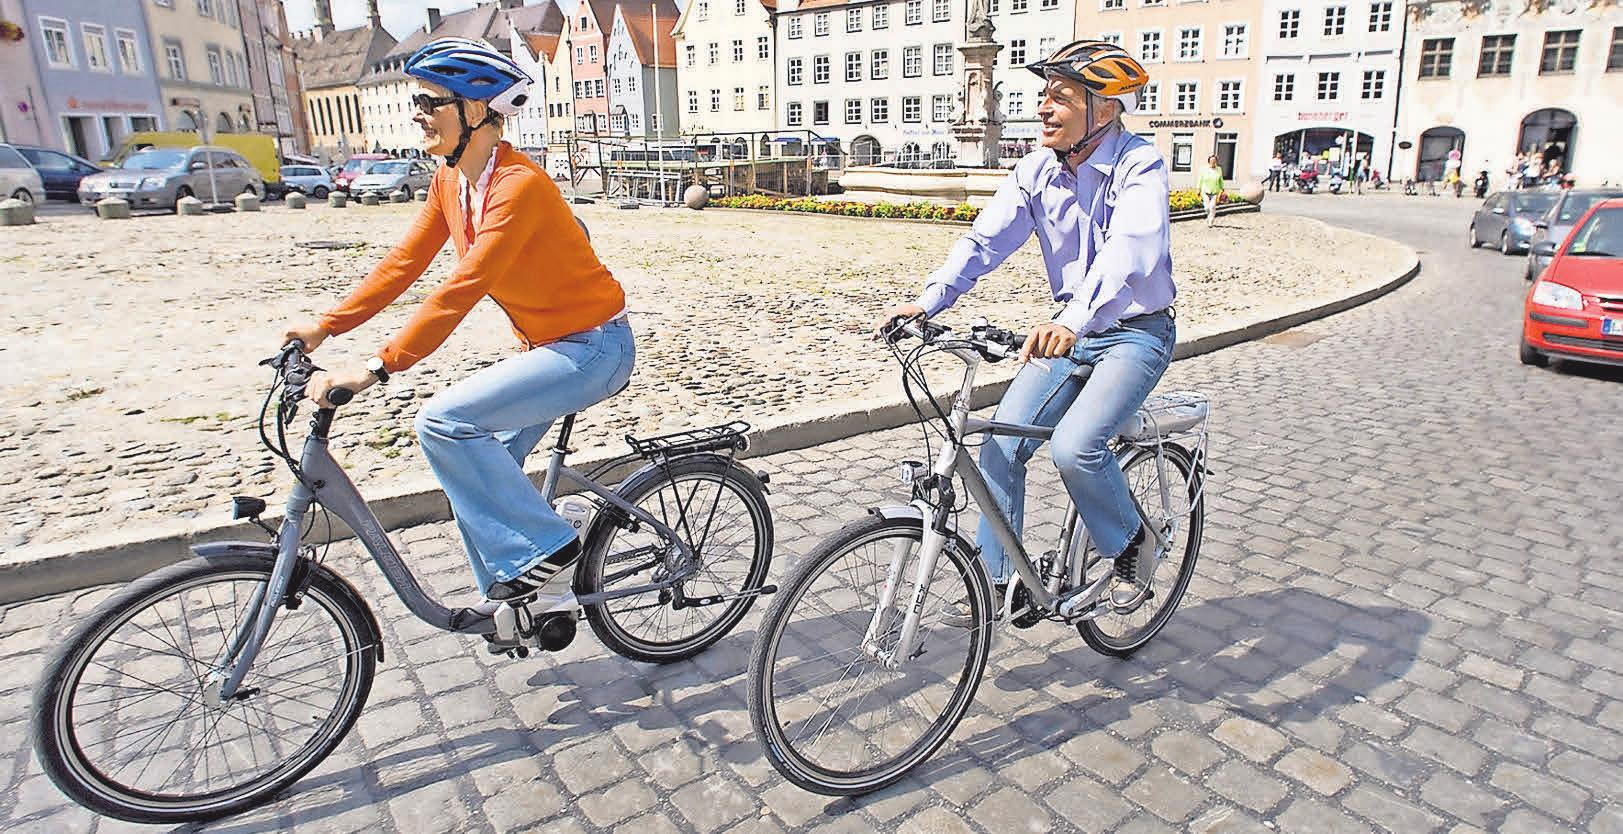 Helme sind für Pedelecs und E-Bikes nicht vorgeschrieben aber sinnvoll.Foto: ADAC / dpp